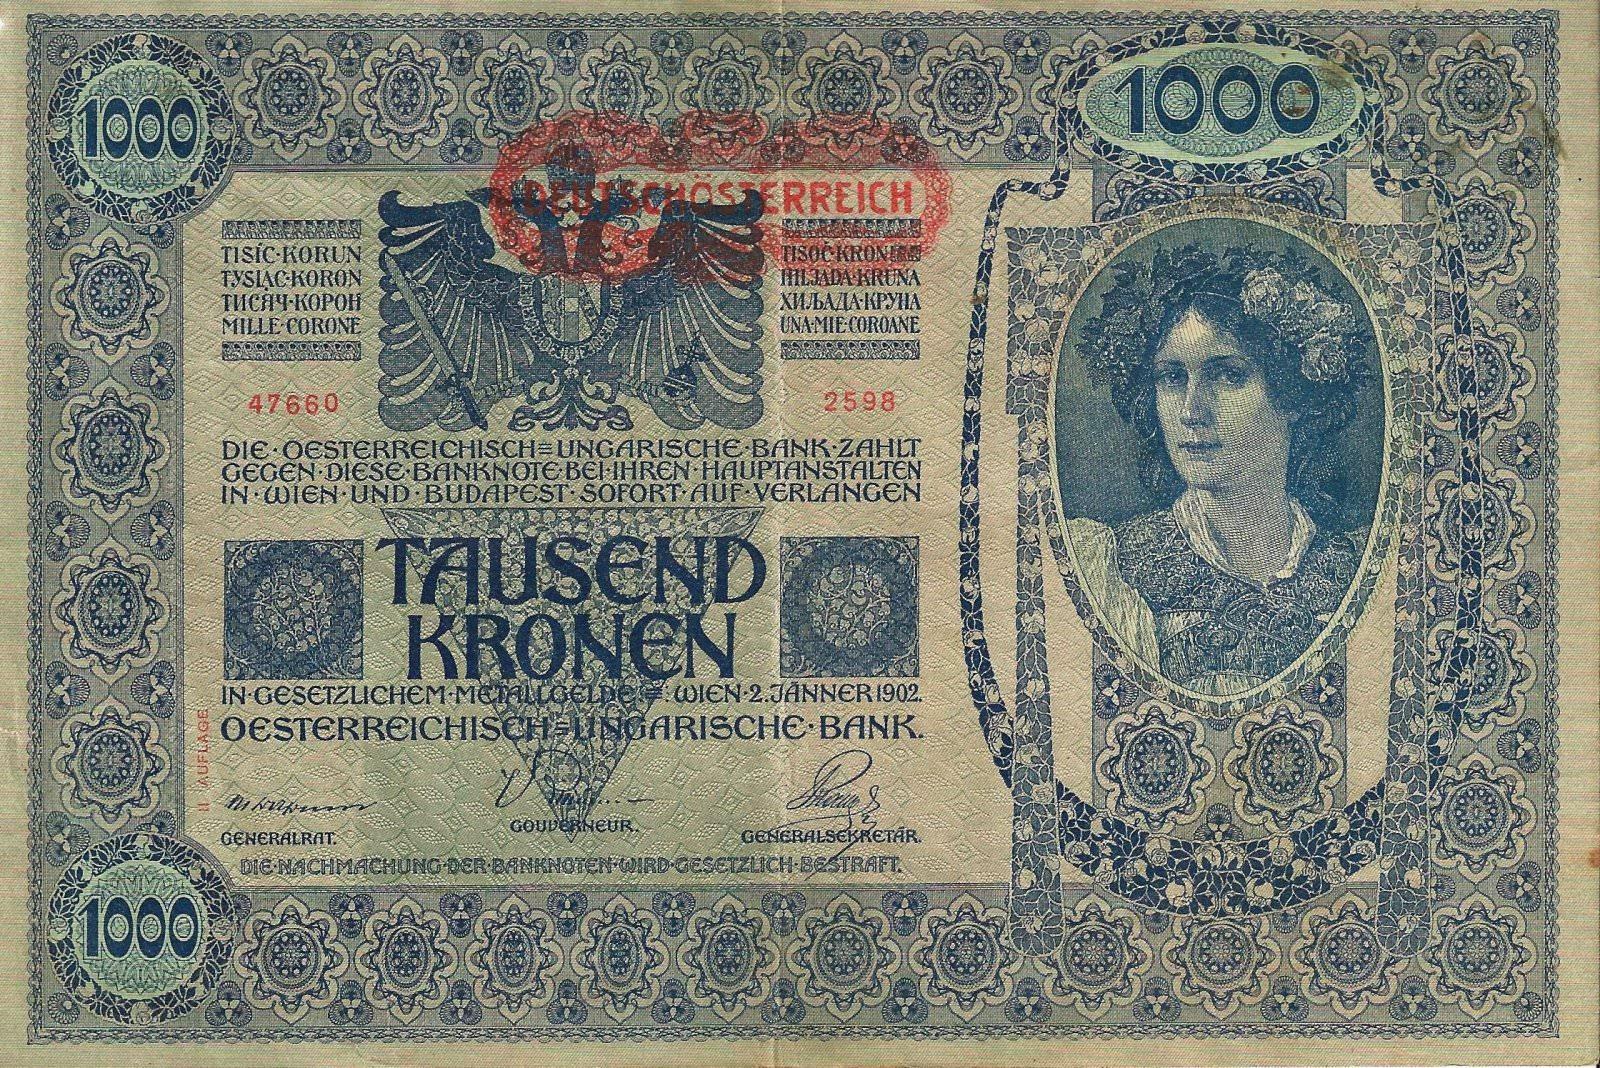 1000 kronen recto 2